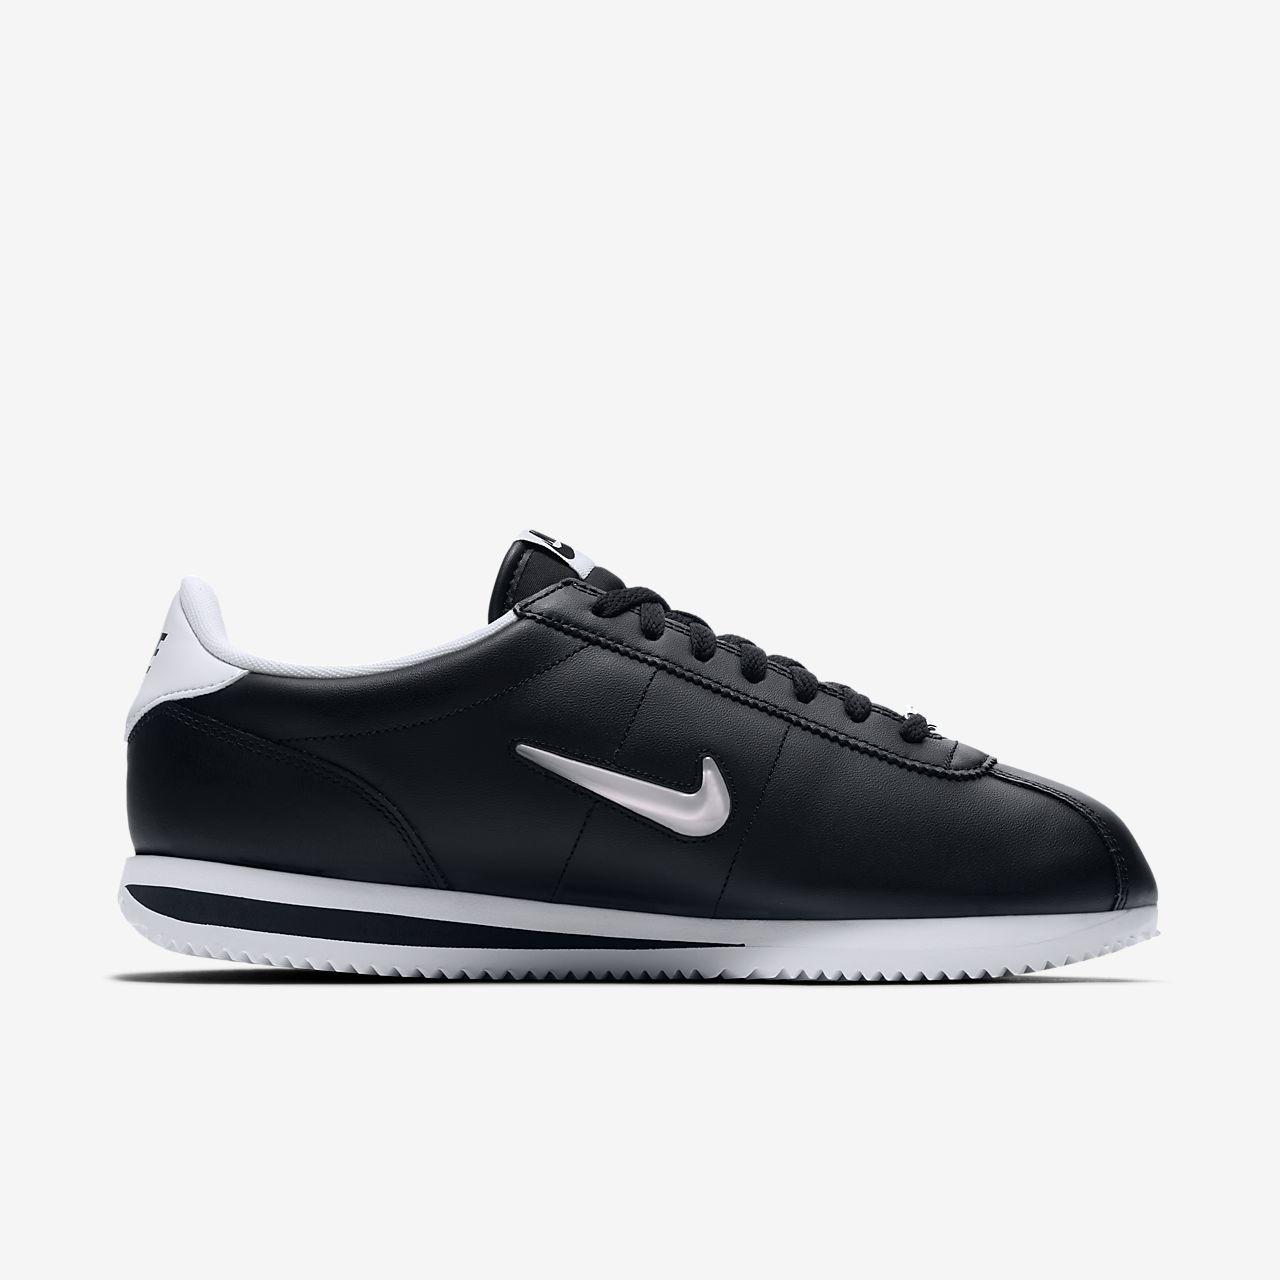 Low Resolution Nike Cortez Basic Jewel Herenschoen Nike Cortez Basic Jewel  Herenschoen